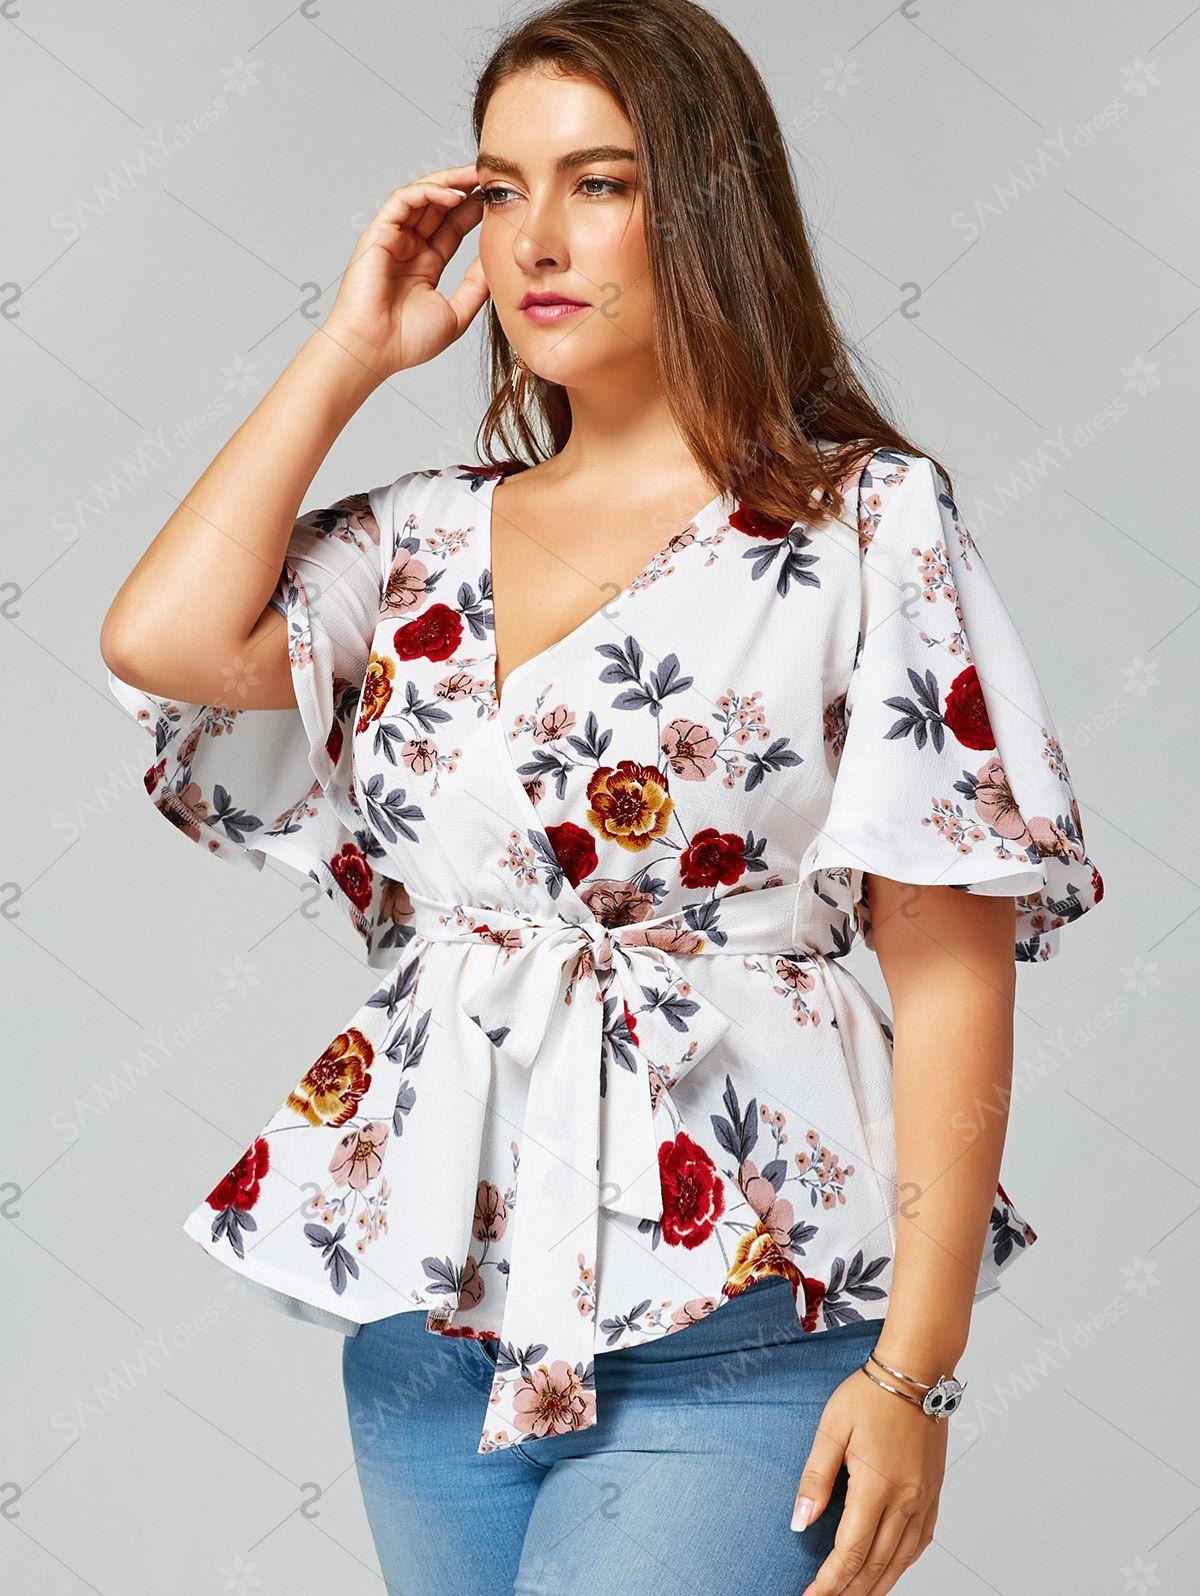 2ad7c12b6a4 Floral Plus Size Belted Surplice Peplum Blusa cor de Branco 5xl ...